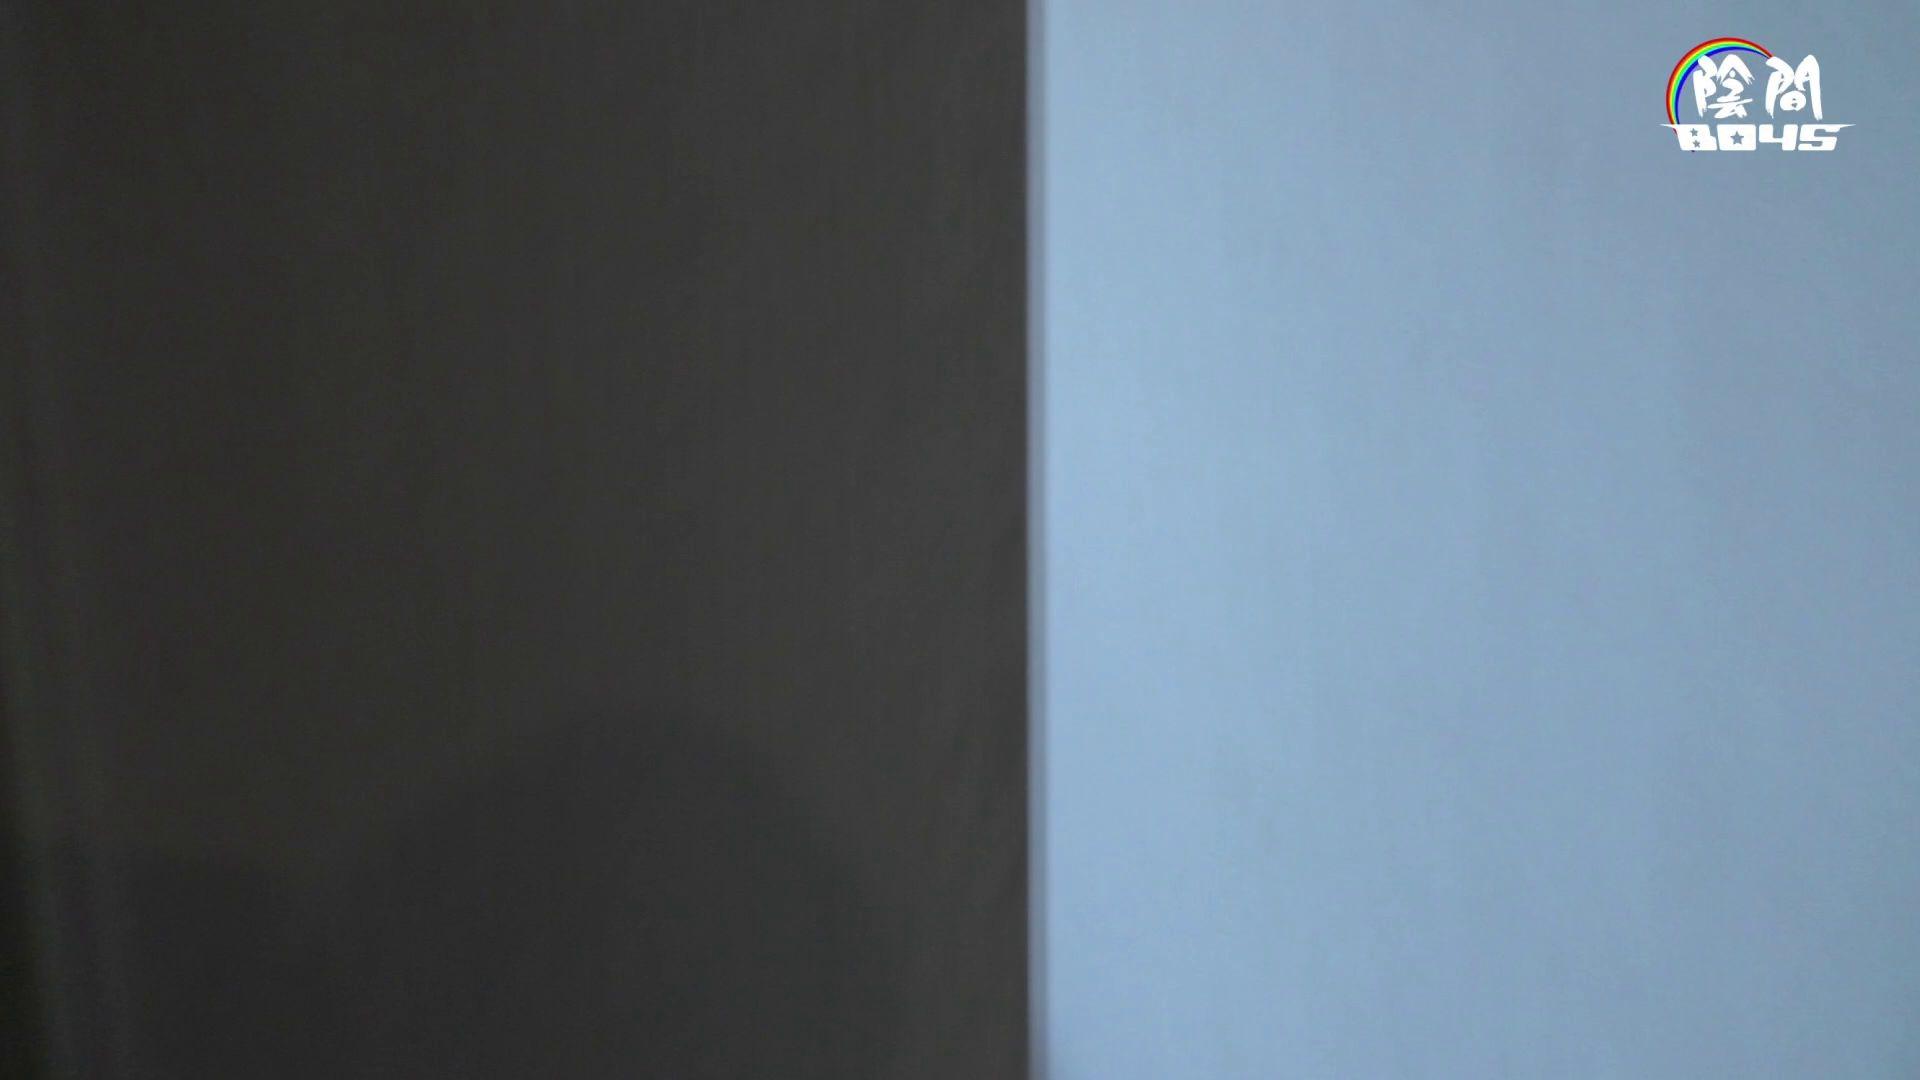 「君のアナルは」part2 ~ノンケの素顔~ Vol.03 仰天アナル ゲイアダルトビデオ画像 93pic 68